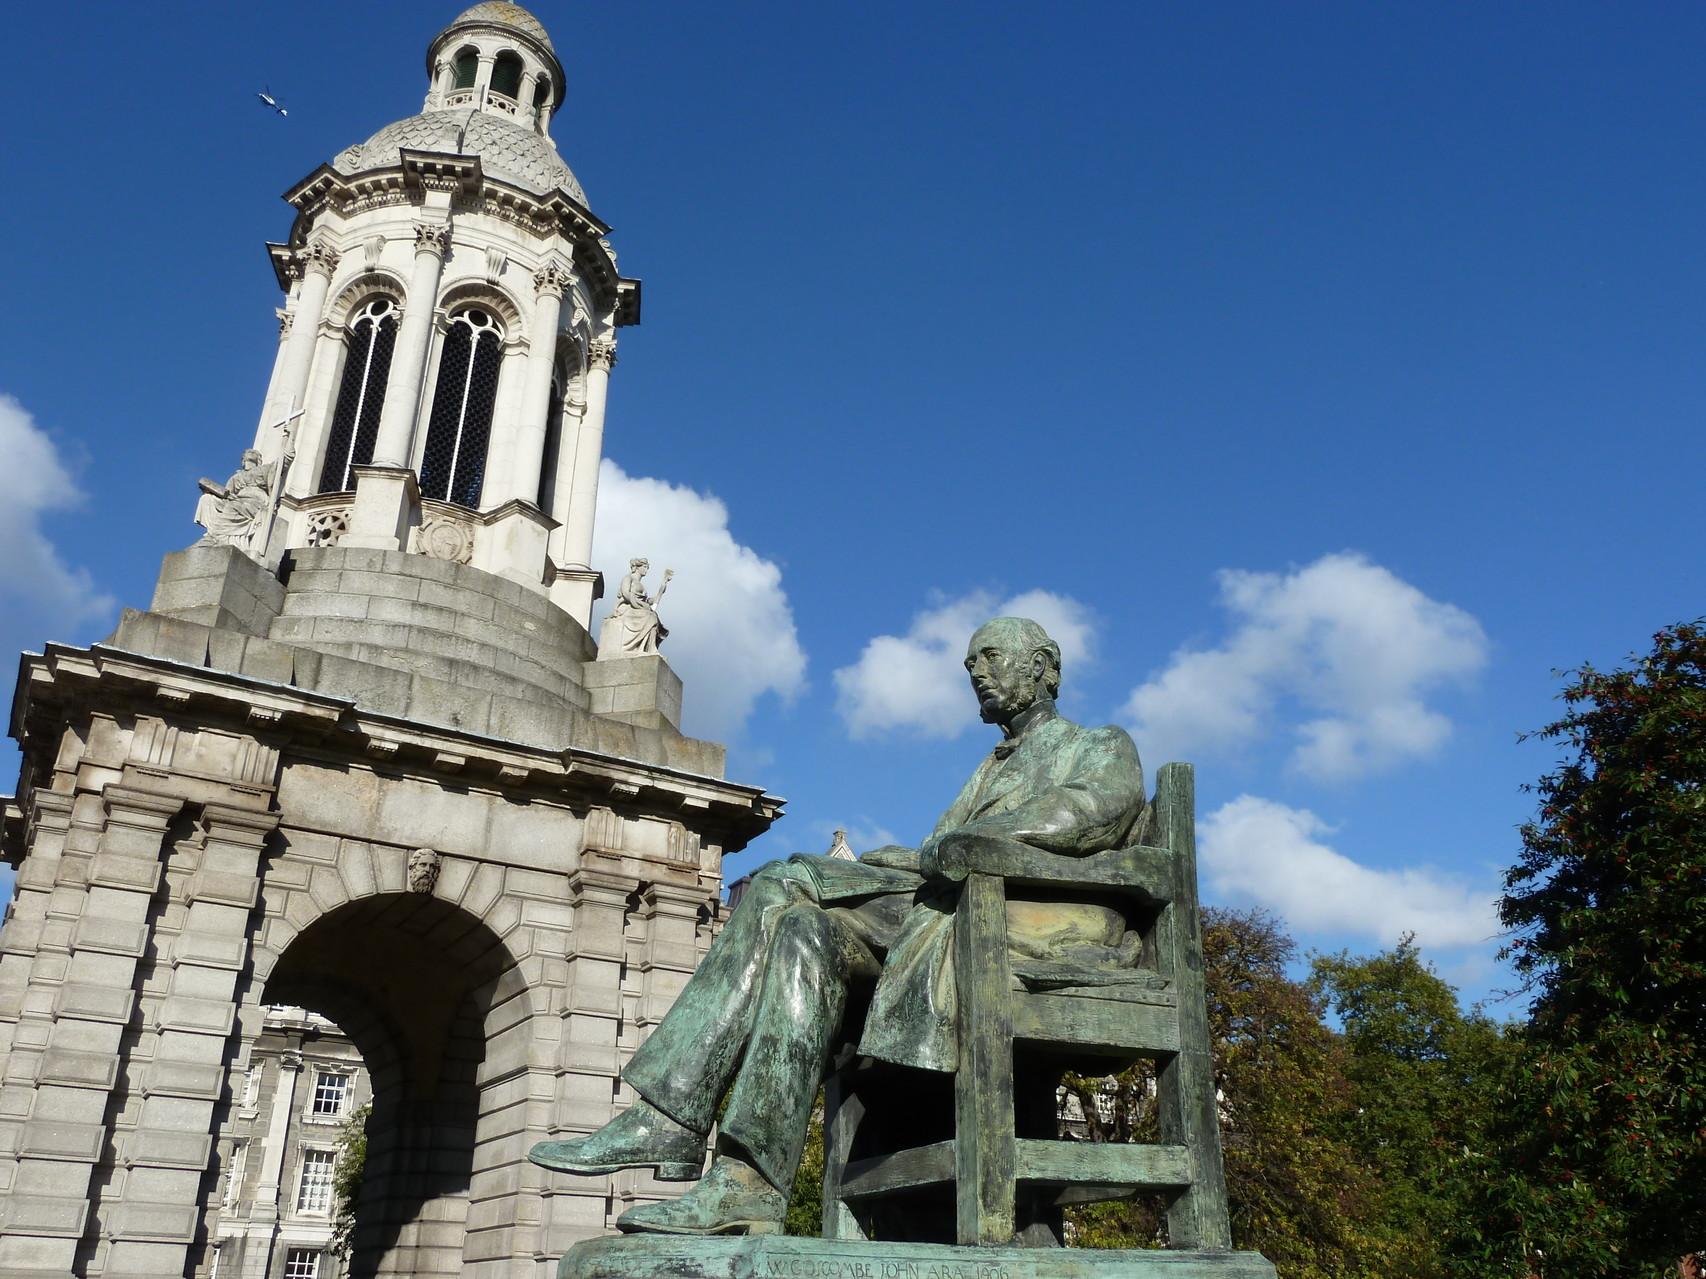 Trinity College, Parliamant Square, Campanile mit Geaorge Salmon Statue